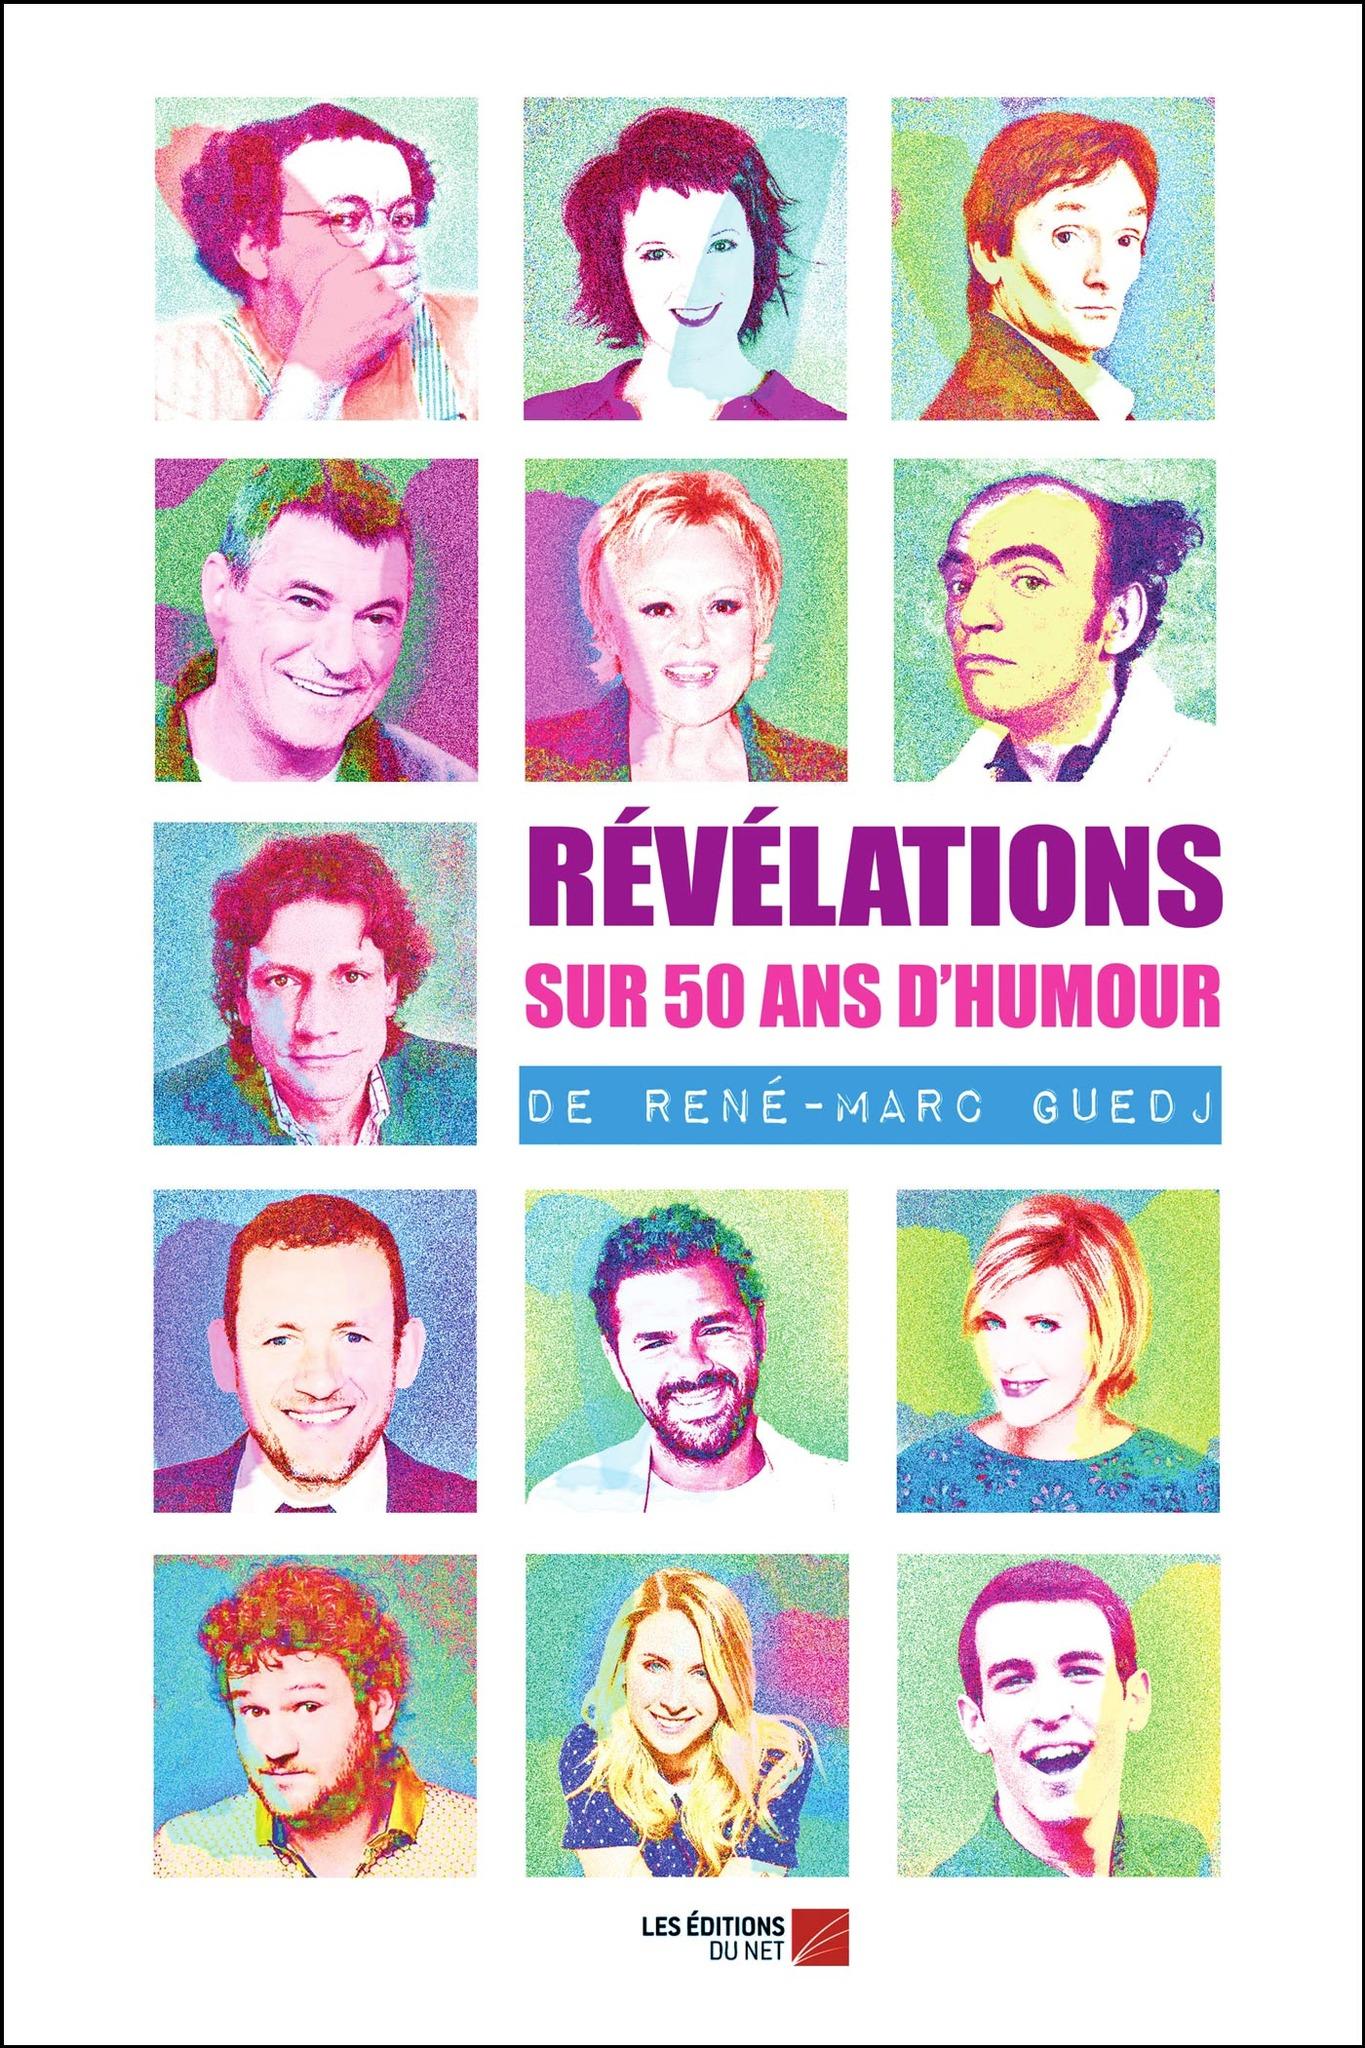 révélation sur  50 ans d'humour de René-Marc Guedj